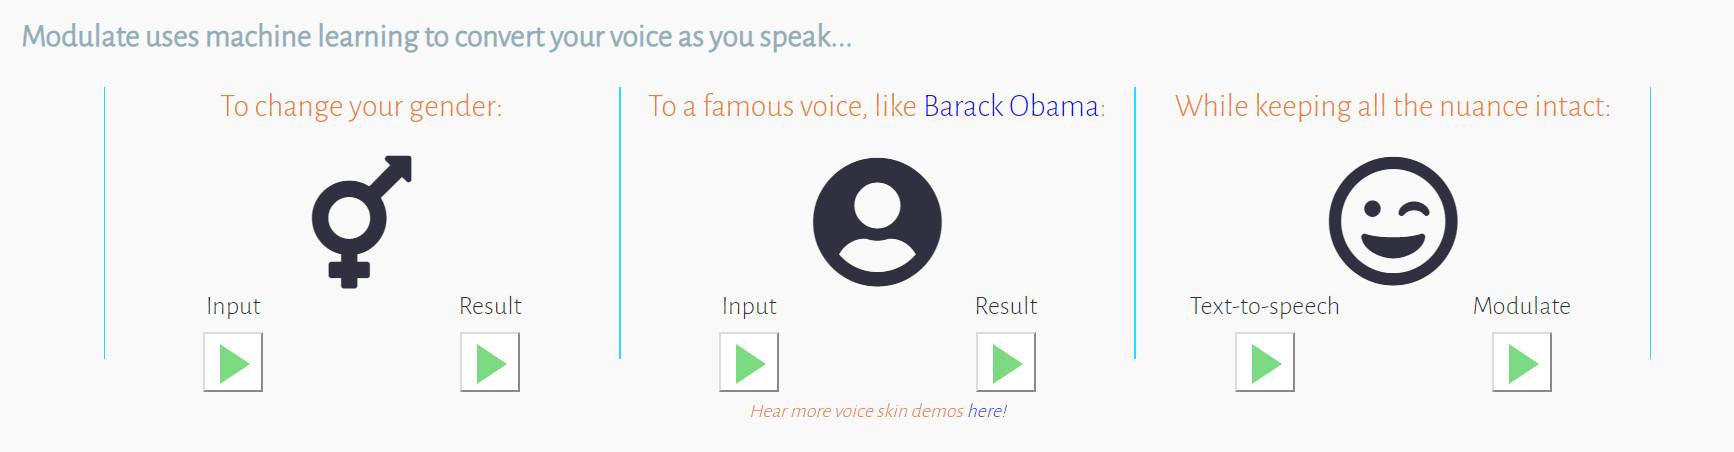 modulate ai 1 - Chuyển giọng nói bằng công cụ tận dụng Machine Learning